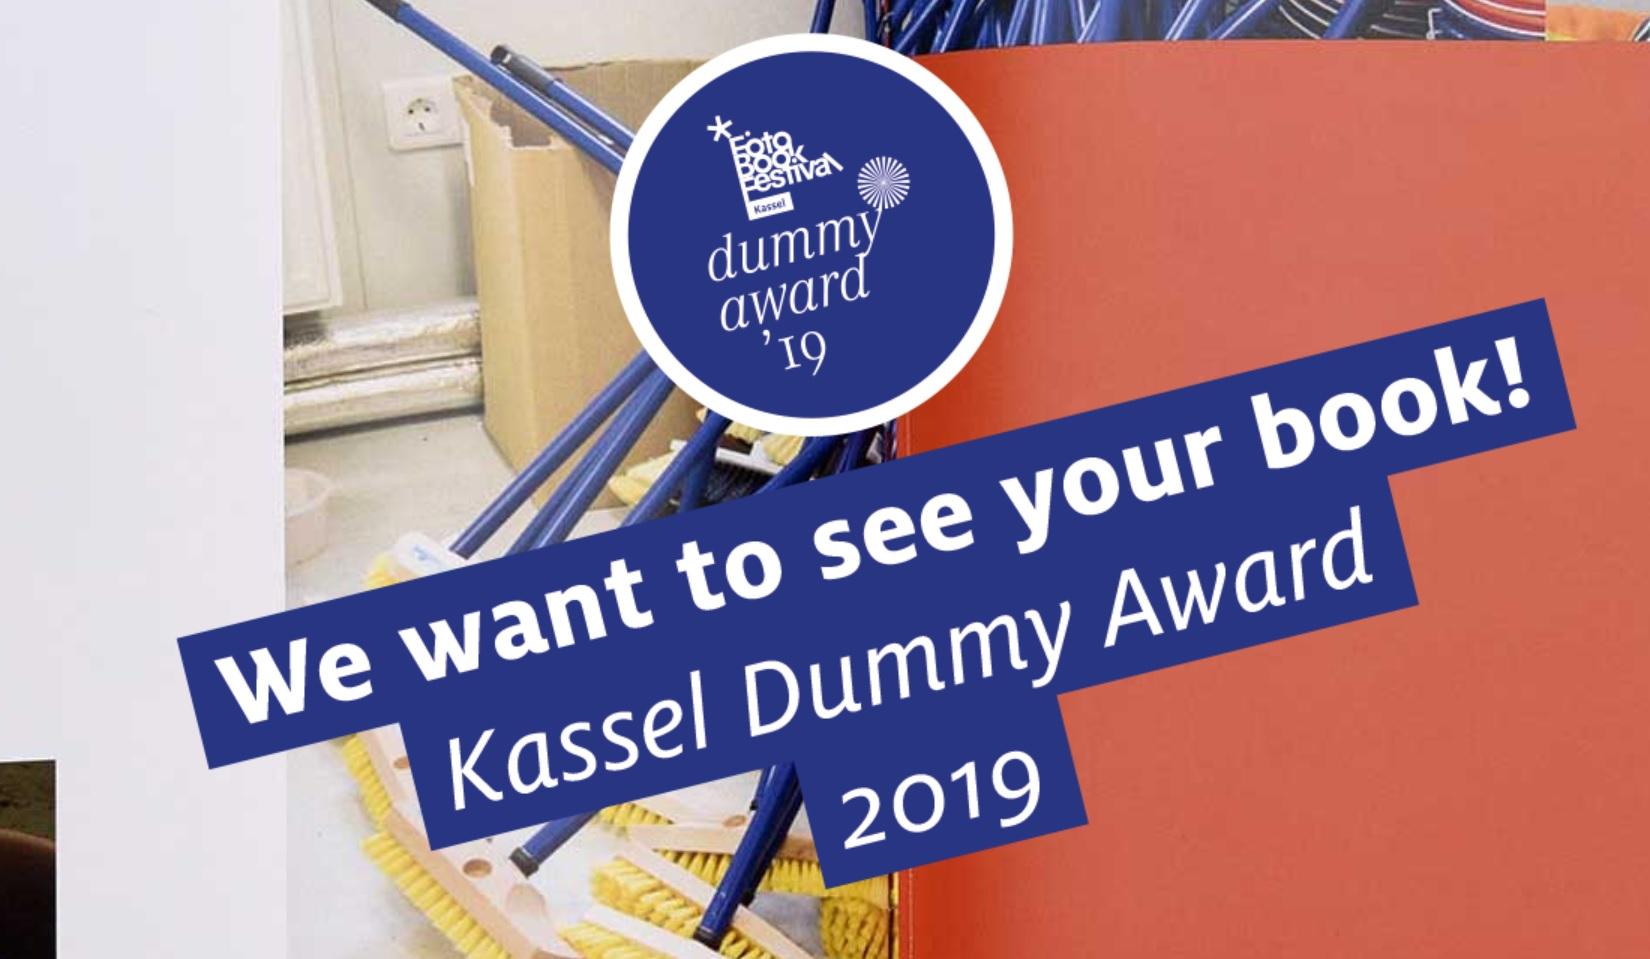 10th Kassel Dummy Award 2019 - logo